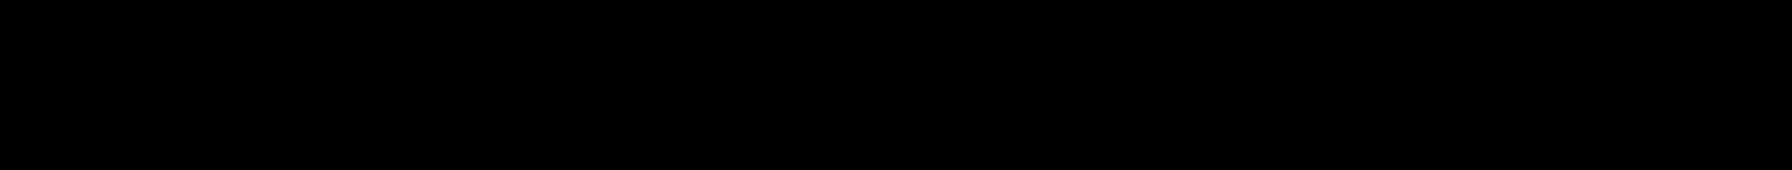 Azjatka wyruchana na kastingu - spust w środku